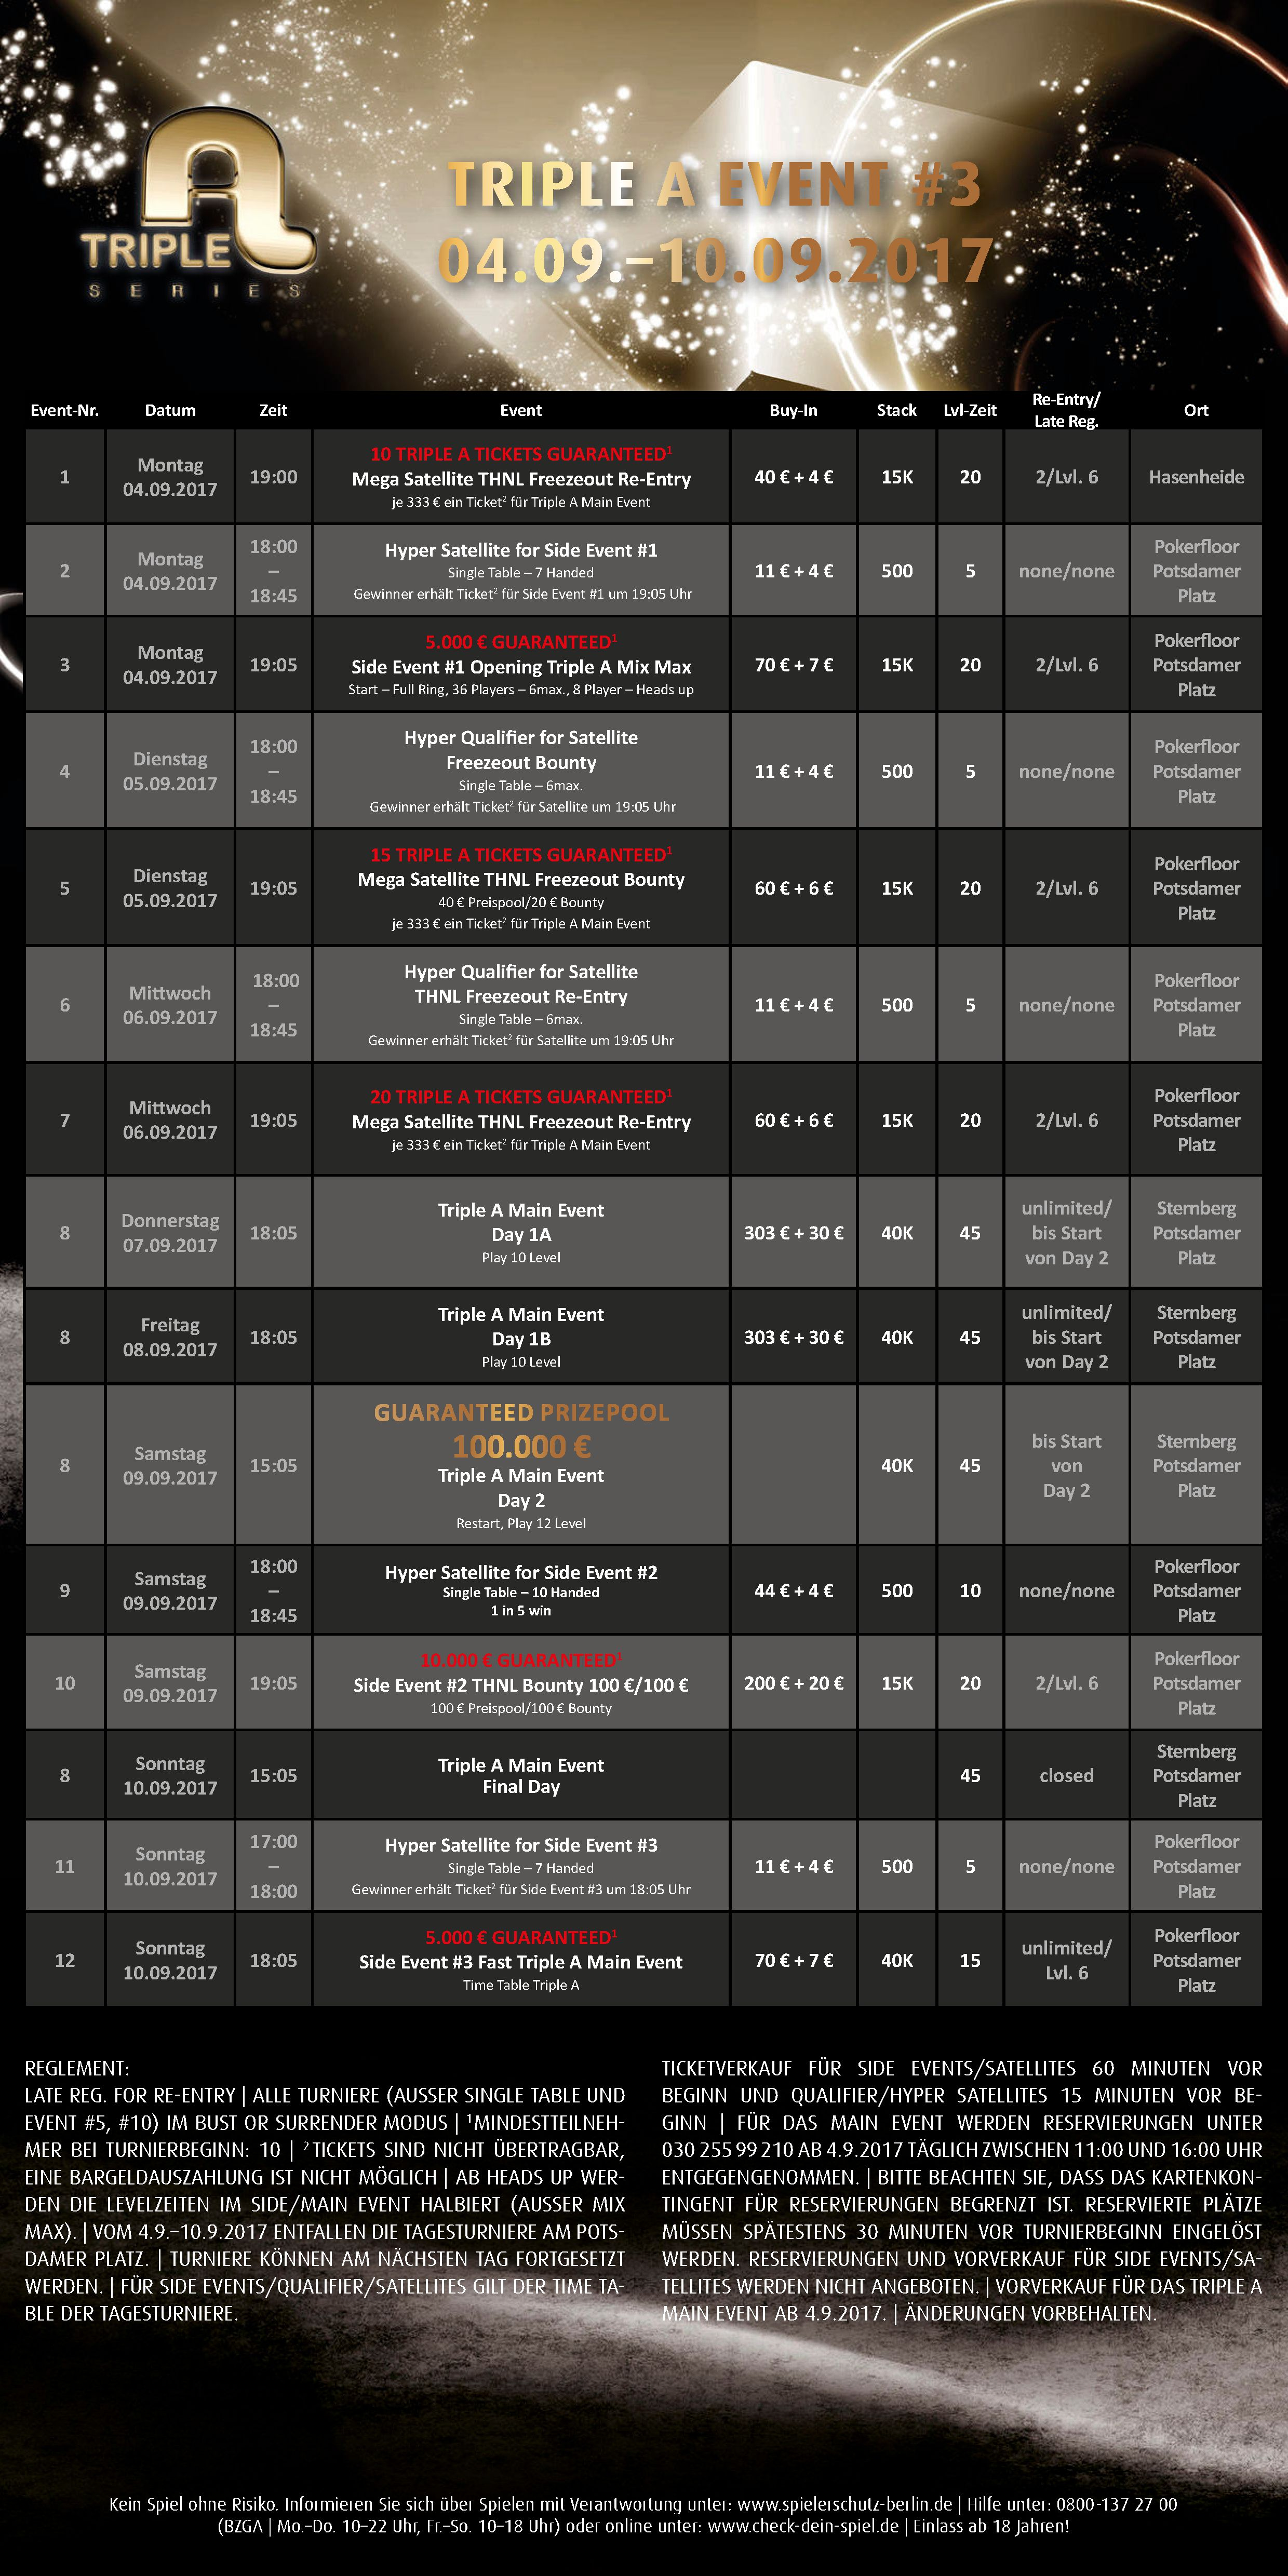 Schedule_TripleA_S7_E3_2017-07_DOWNLOAD